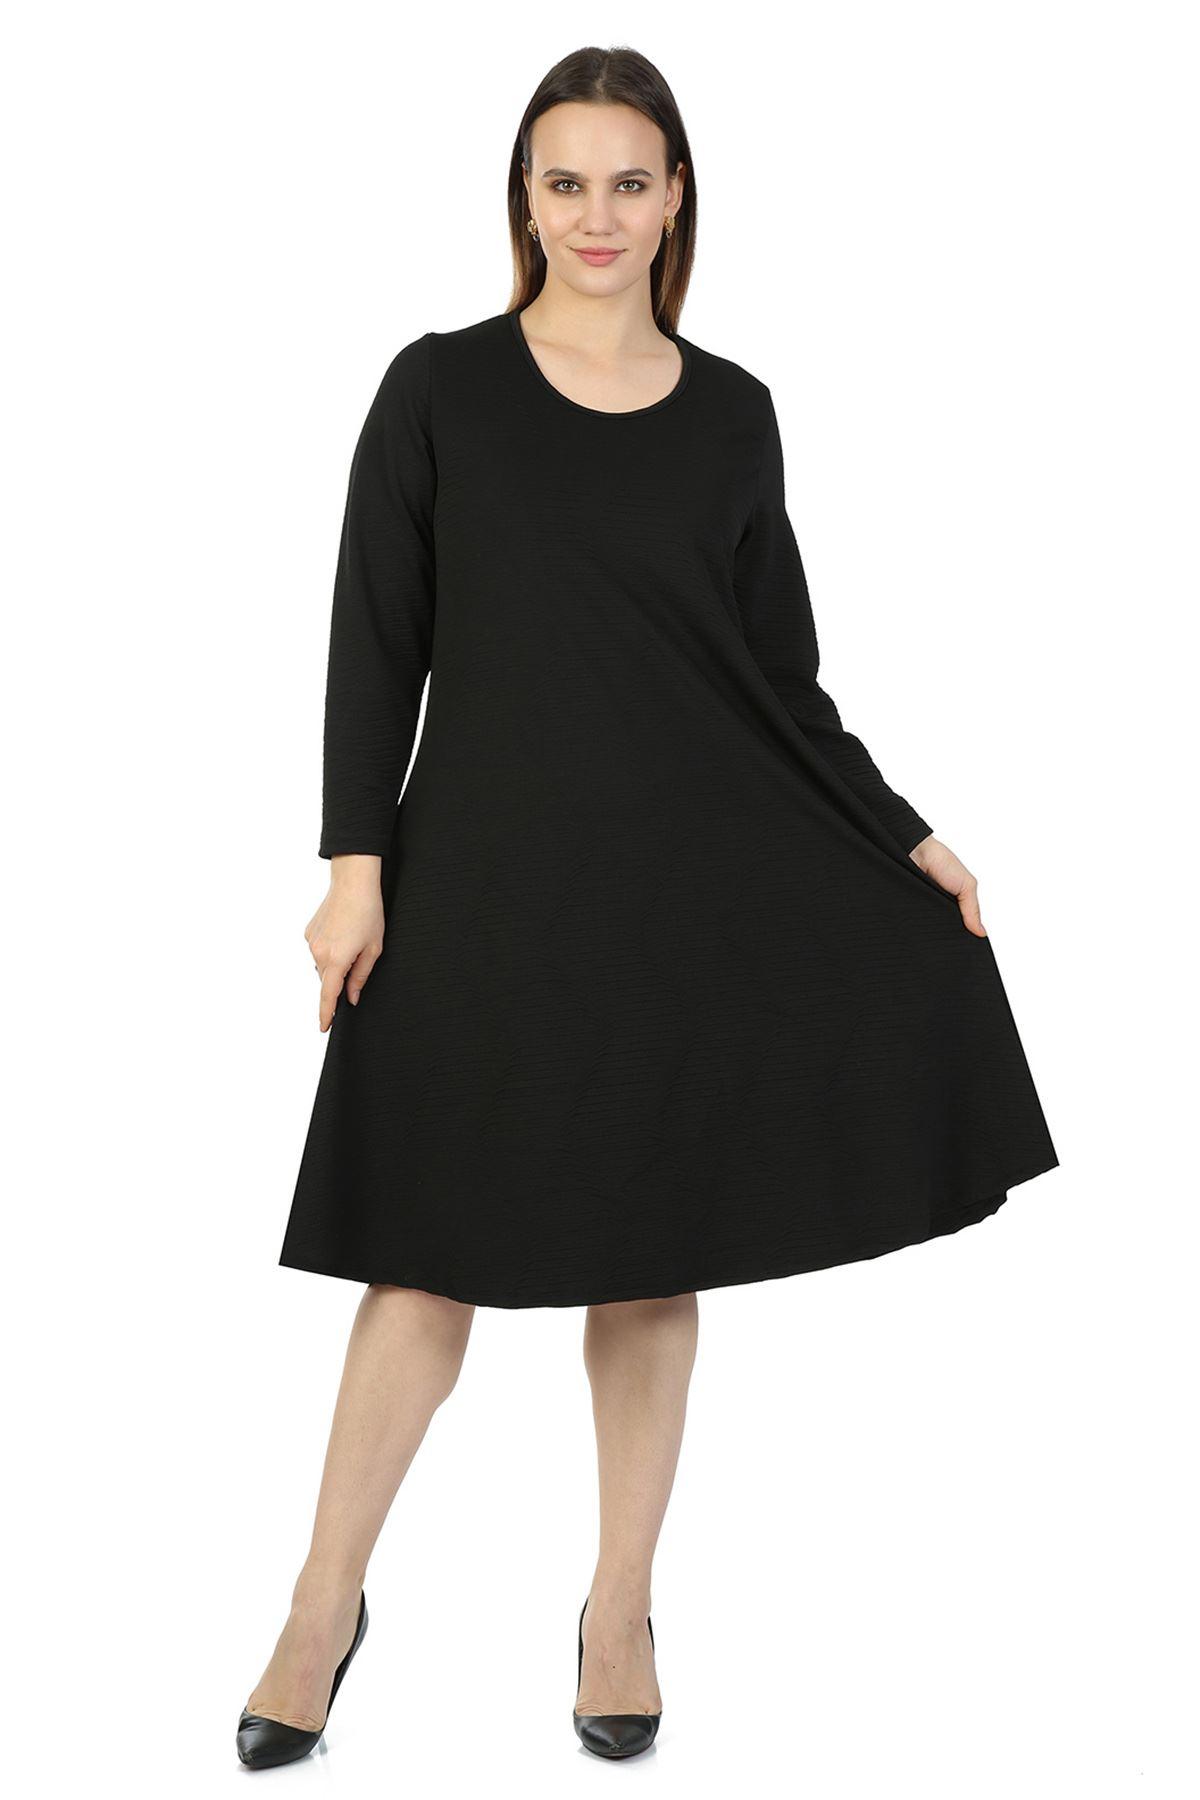 Siyah Kloş Büyük Beden Elbise 34D-1421